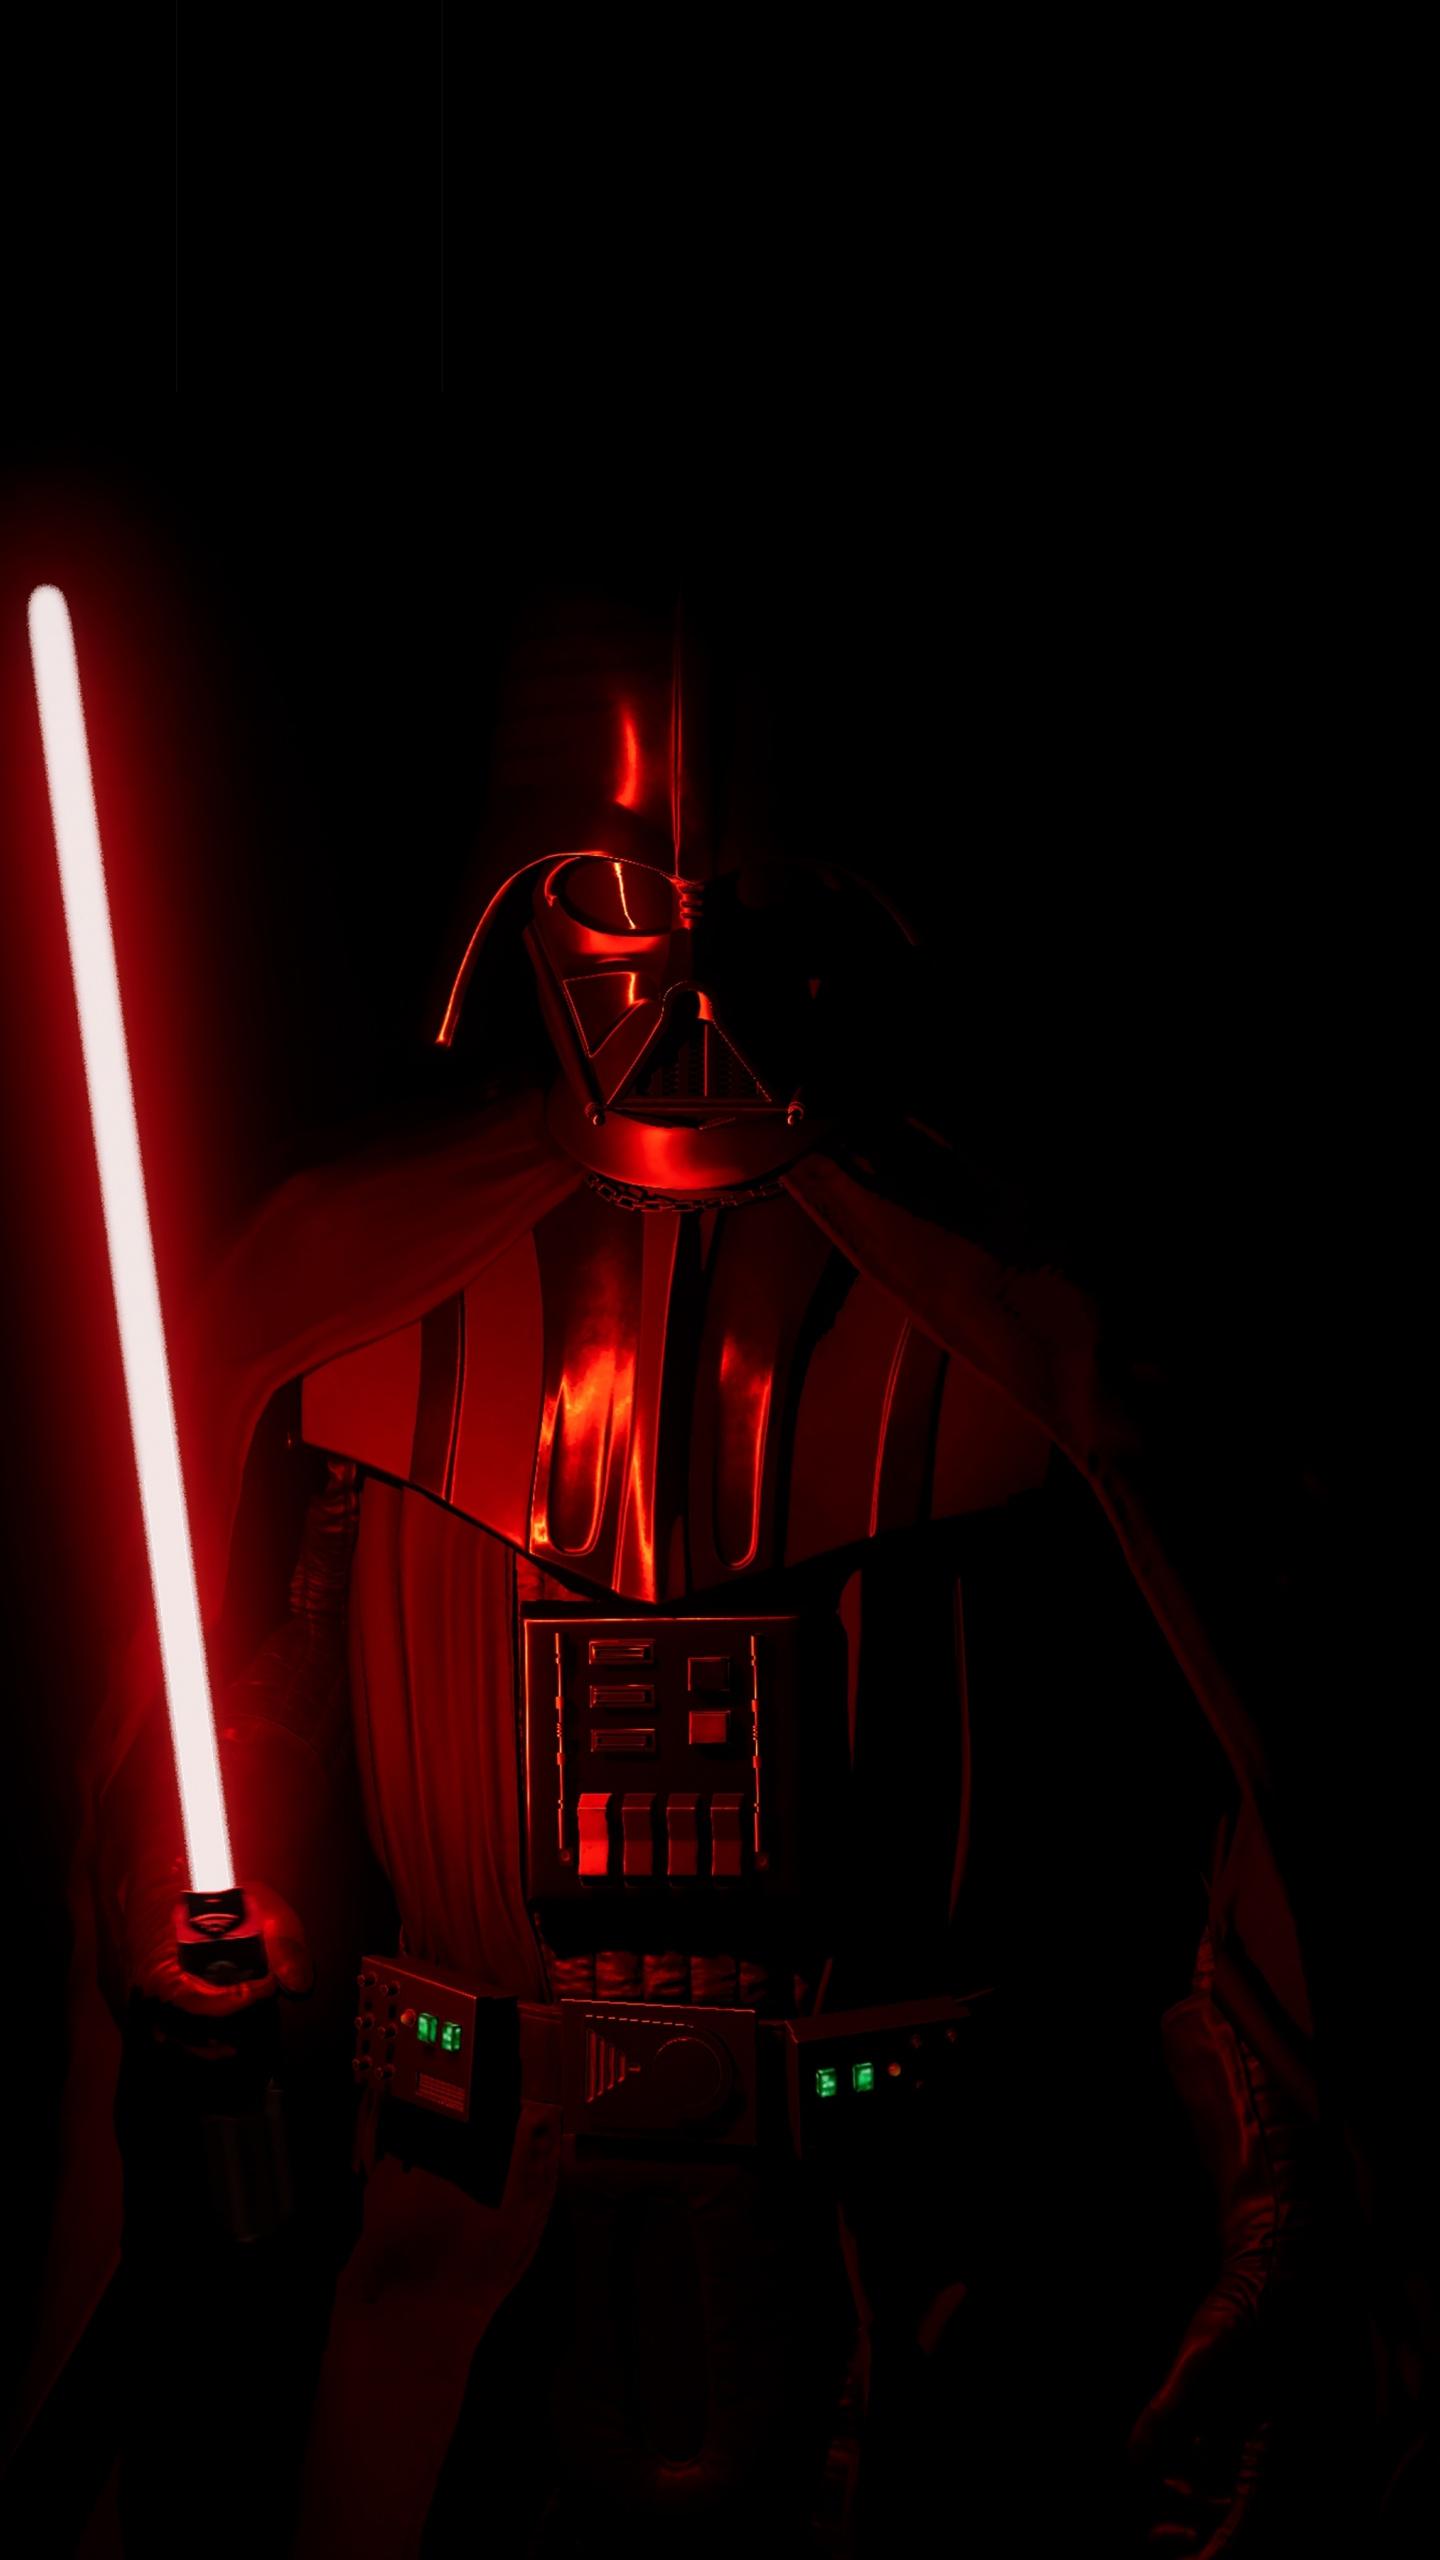 Darth Vader Villain Dark 2019 Wallpaper Darth Vader Wallpaper Iphone 1440x2560 Wallpaper Teahub Io